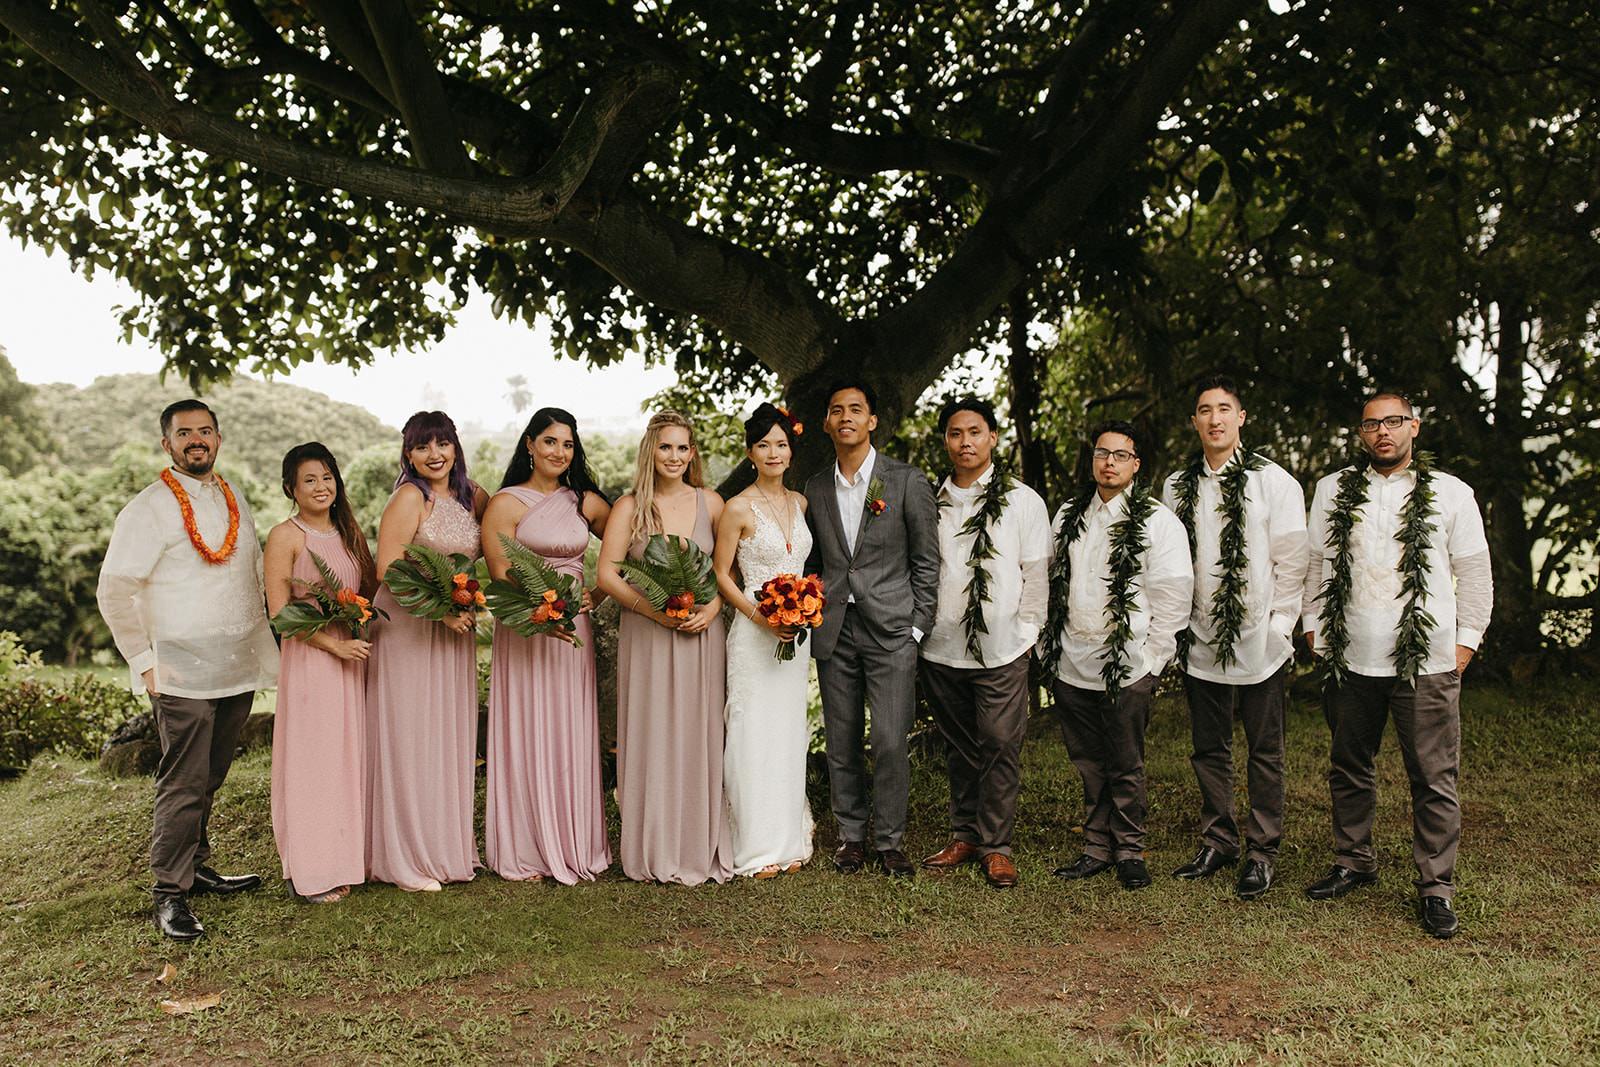 Kualoa_Hawaii_wedding_paliku_6.jpg